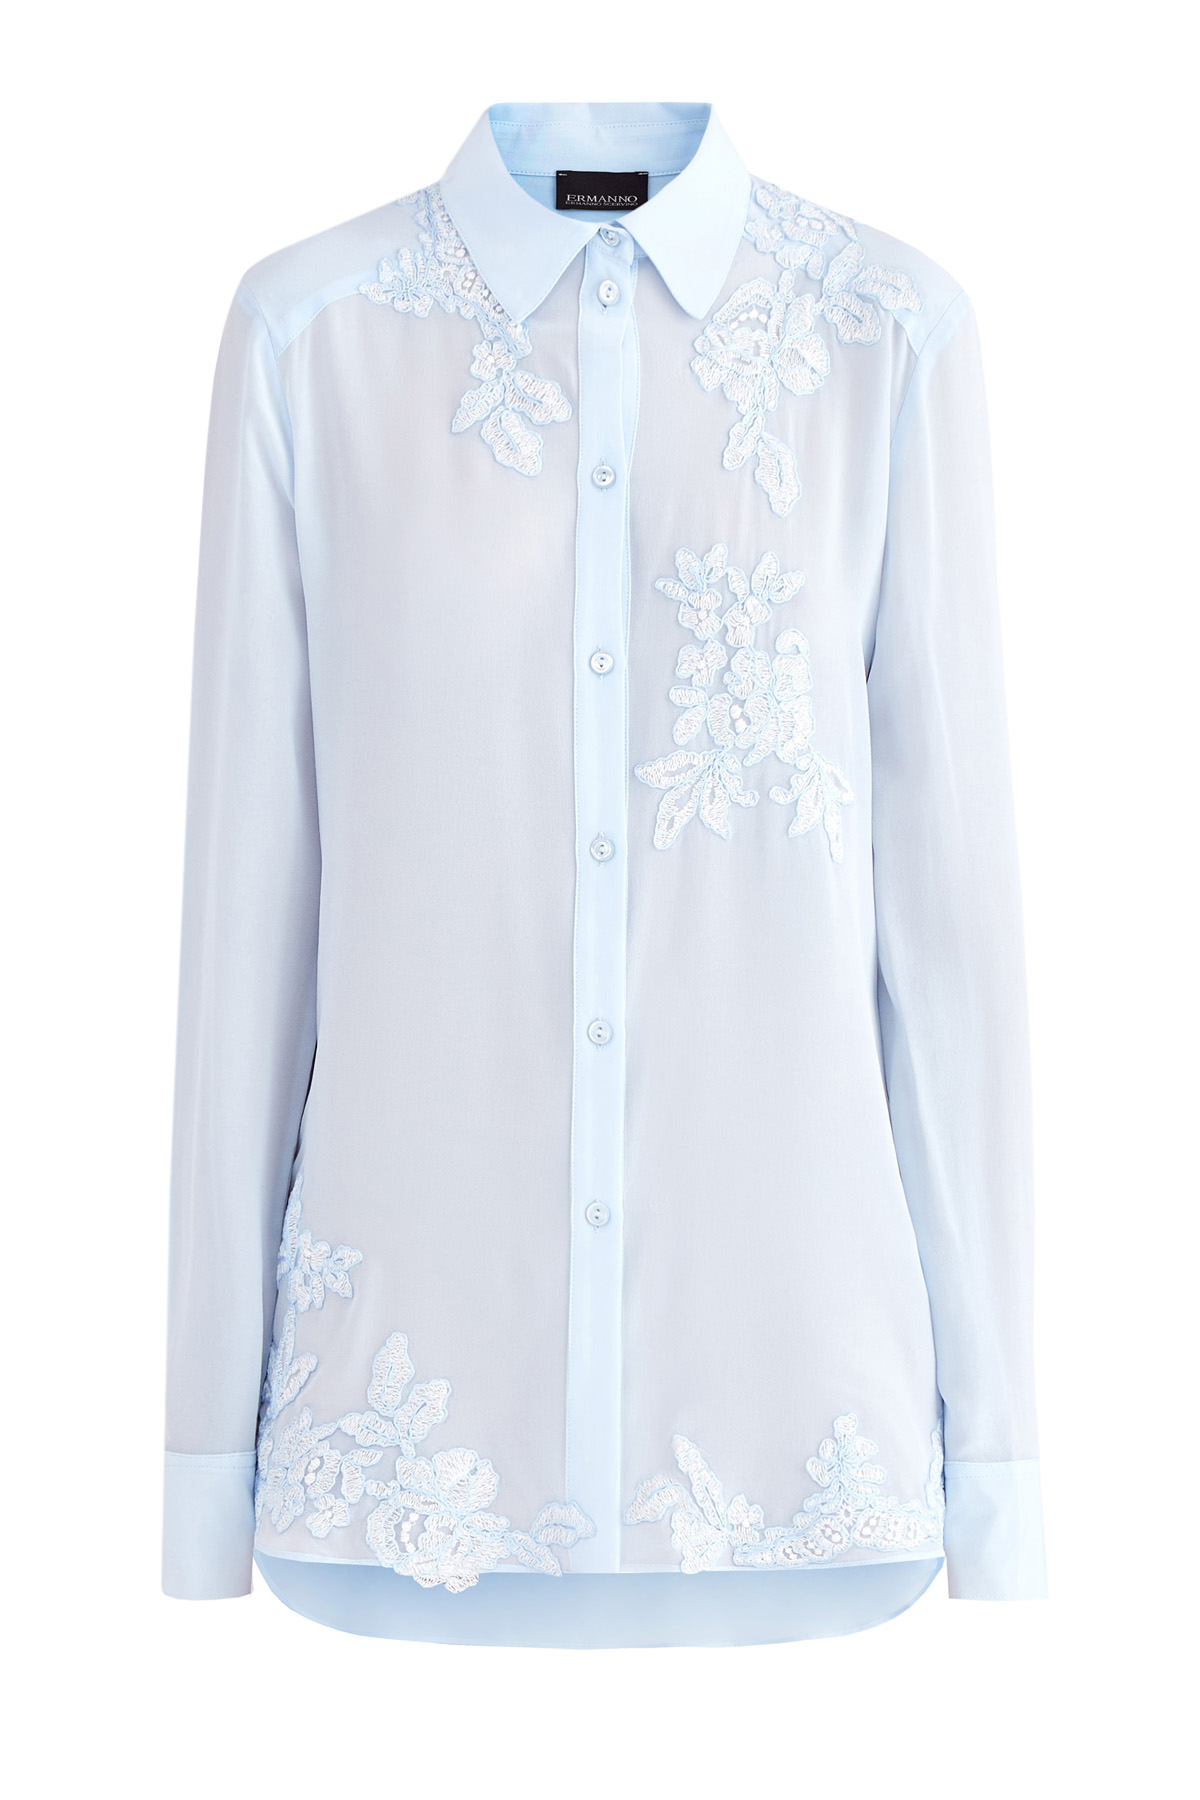 Купить Рубашка, ERMANNO ERMANNO SCERVINO, Италия, шелк 100%